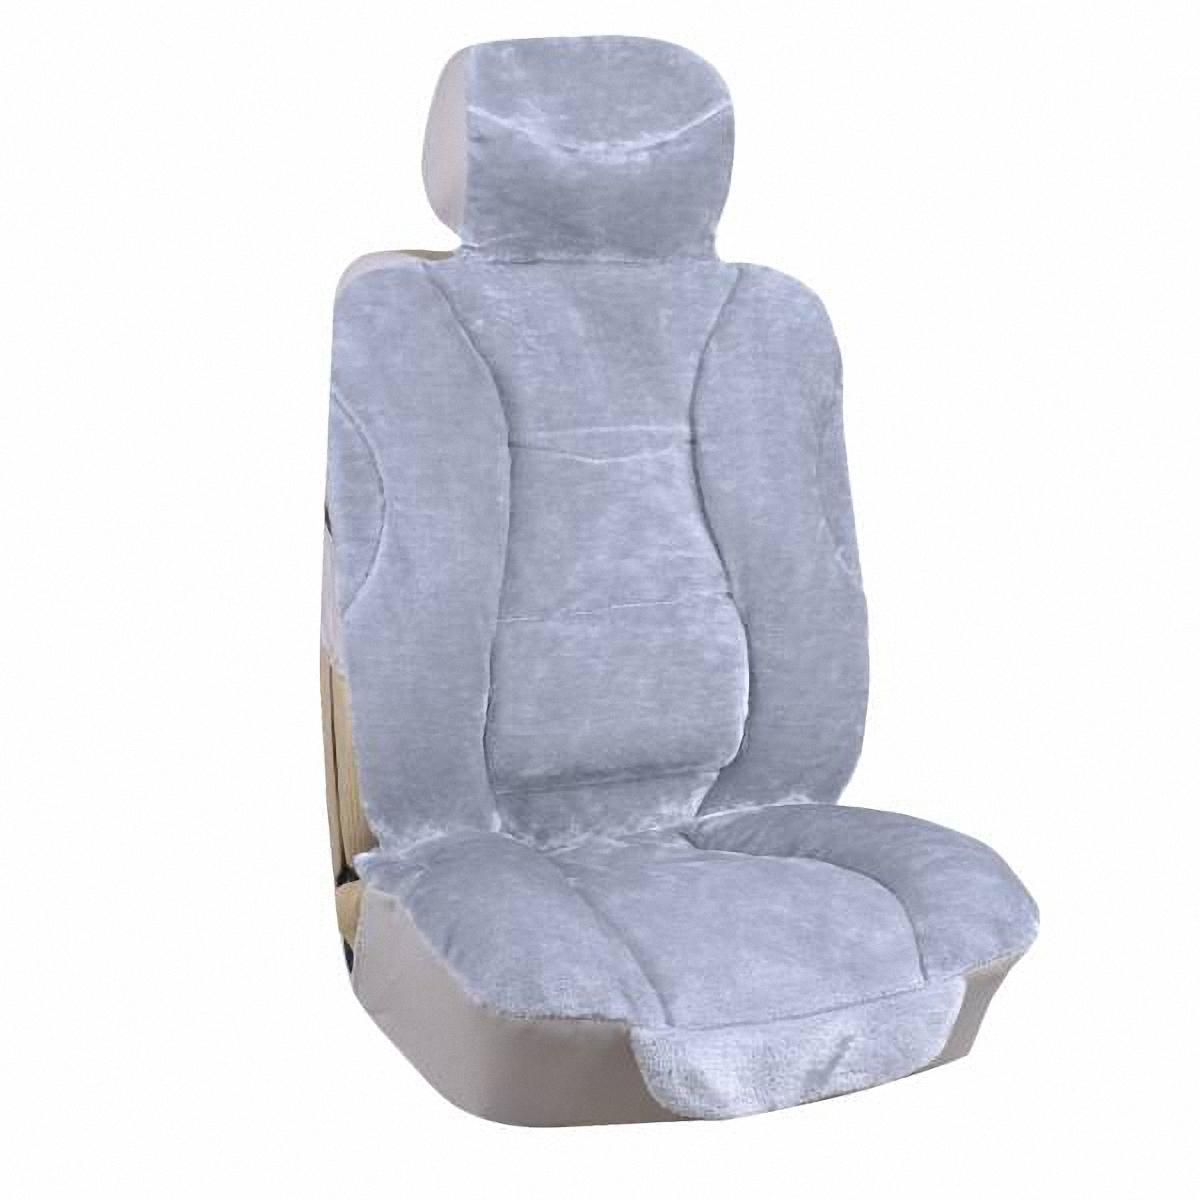 Чехлы автомобильные Skyway. S03001052S03001052Меховые накидки Skyway сделаны с учетом предпочтений своих потребителей, которые хотят видеть салон своего автомобиля, похожим на теплый уютный дом, а не на холодный облезлый гараж. Удобные и мягкие накидки будут как никогда актуальны перед морозной зимой, потому что всегда согреют своим теплом и добавят красок в салон во время белого однообразия на улице. Удобные, как домашний диван, они сделают салон таким комфортным, что не захочется возвращаться домой. Сделанные из искусственного меха, они не лезут, довольно просто крепятся и плотно сидят, не съезжая в разные стороны.